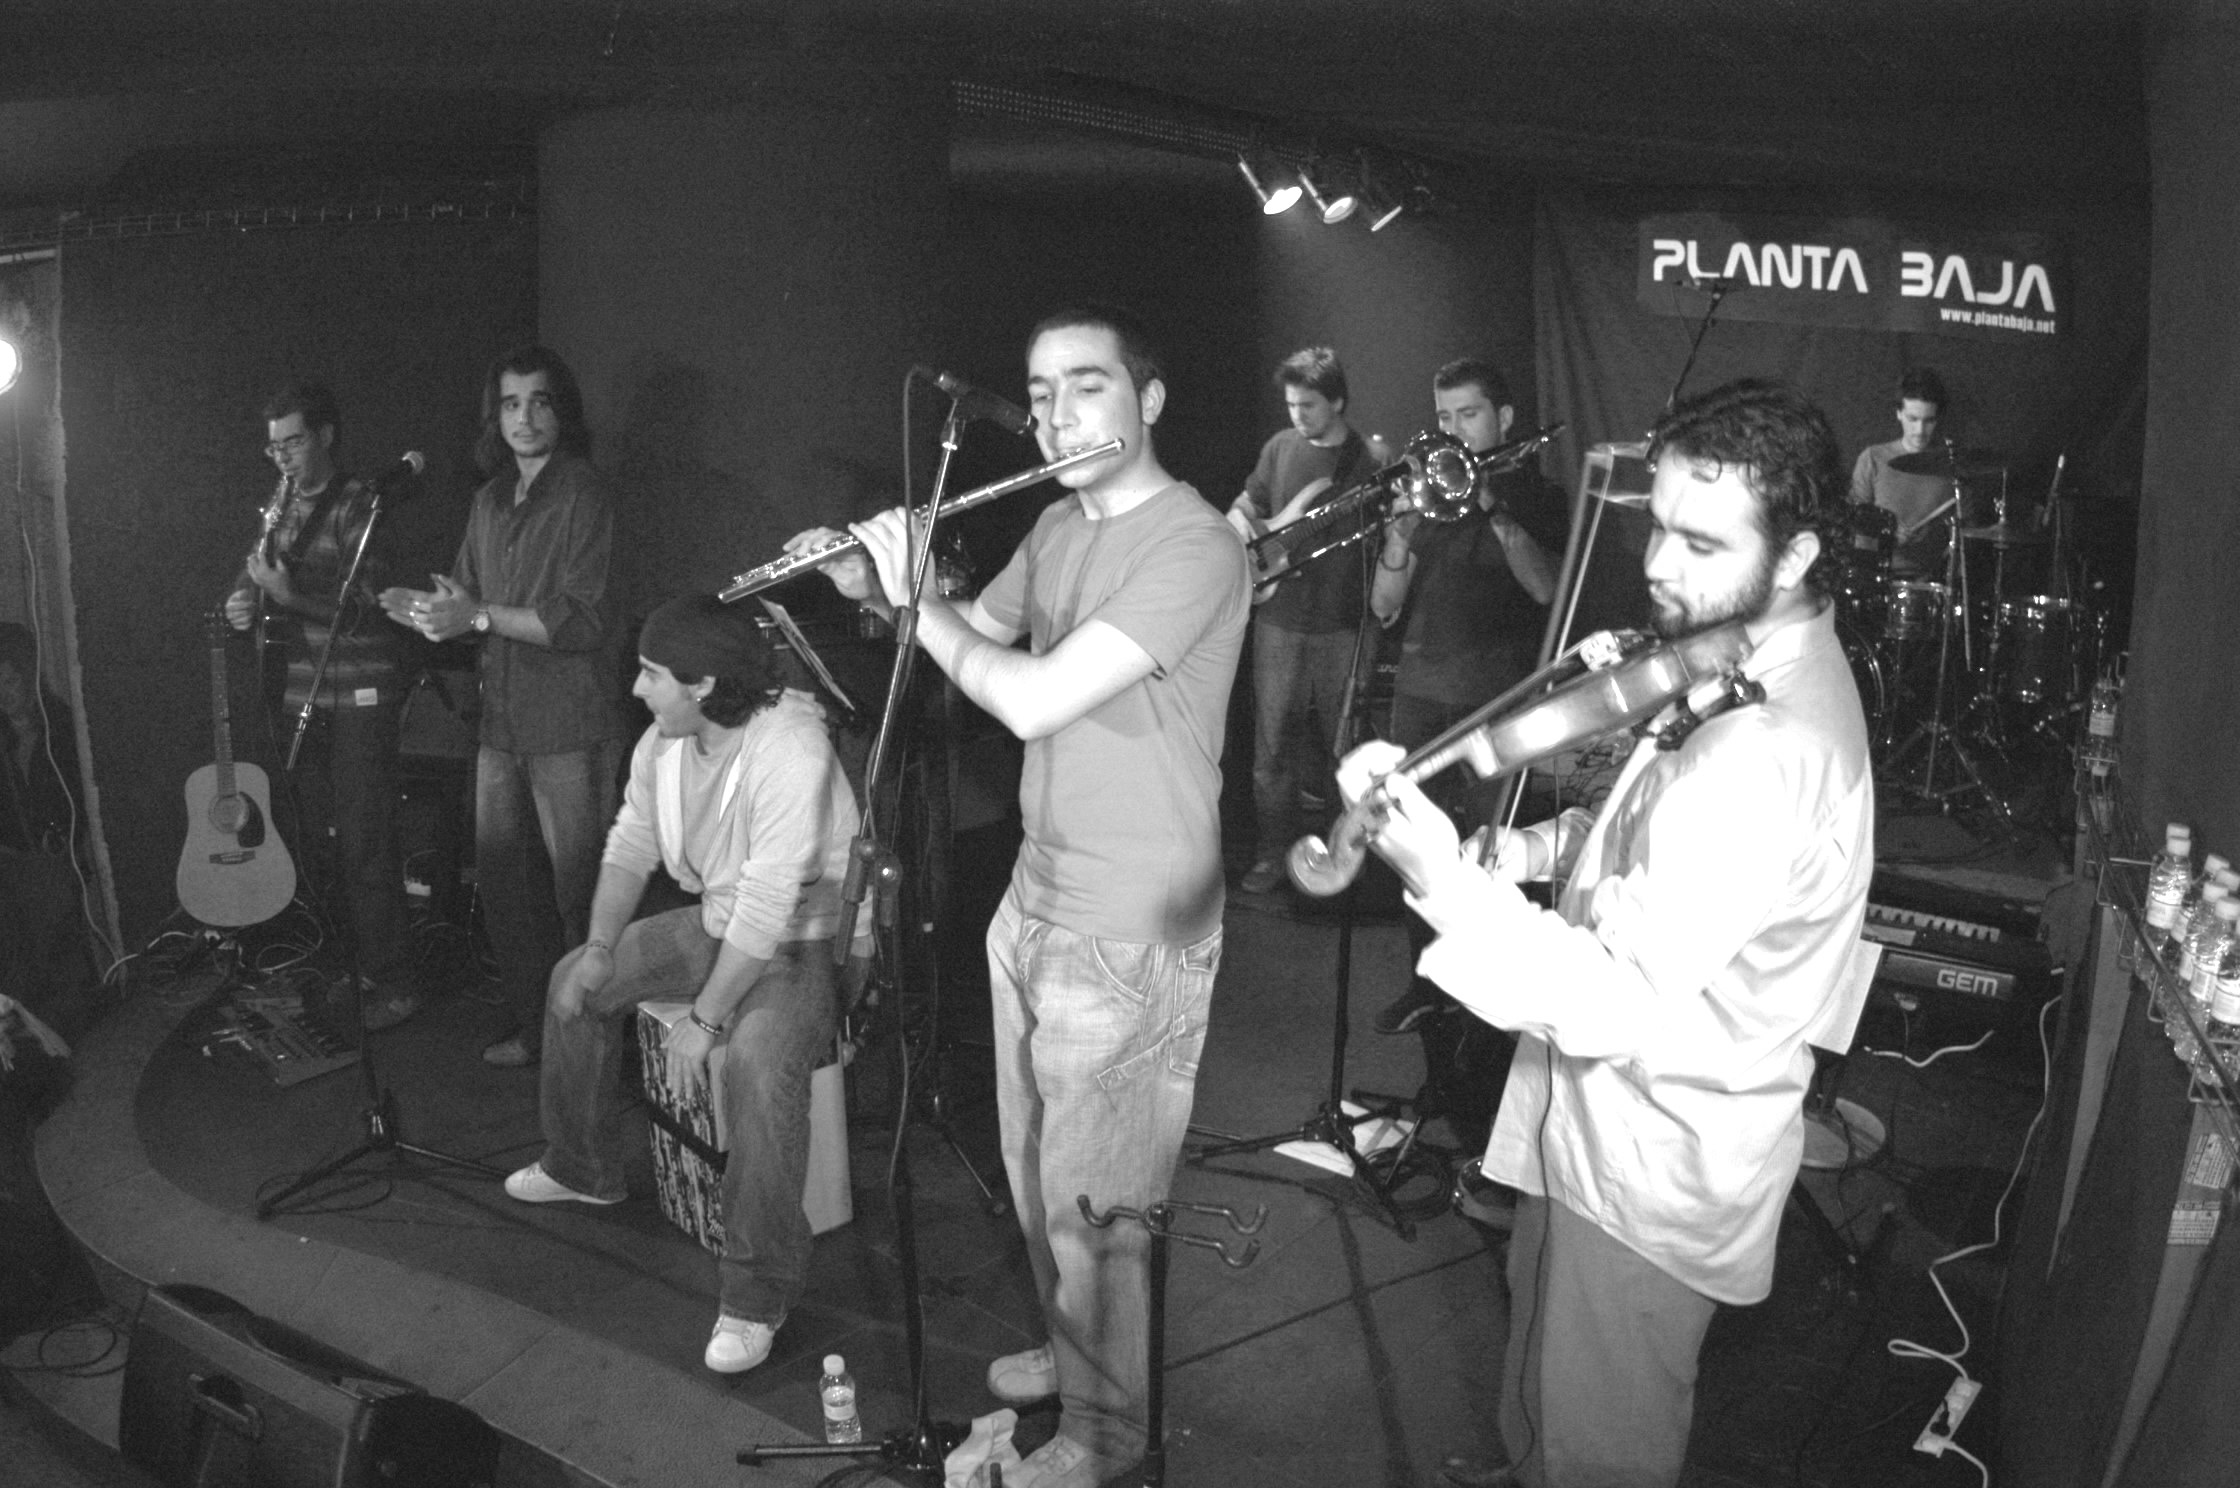 conciertoplantabaja 106 con flamencos